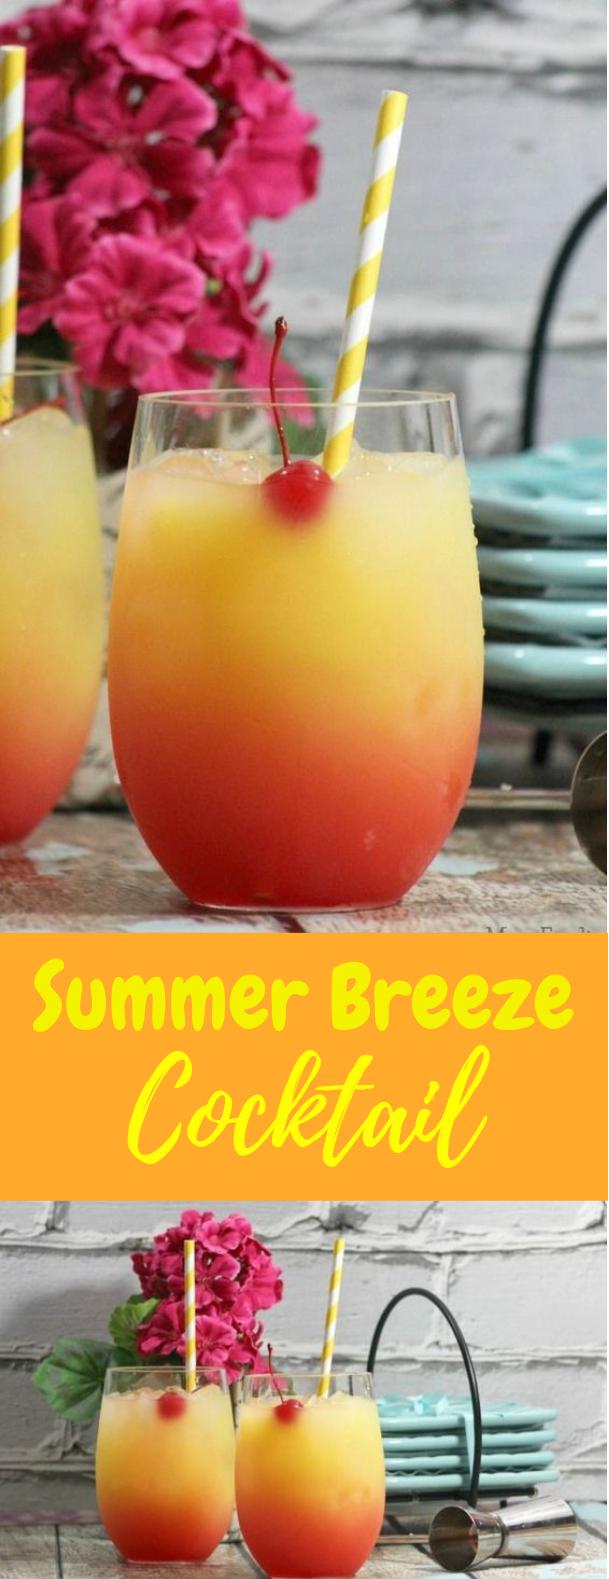 Summer Breeze Cocktail Rezept #Sommer #Cocktail